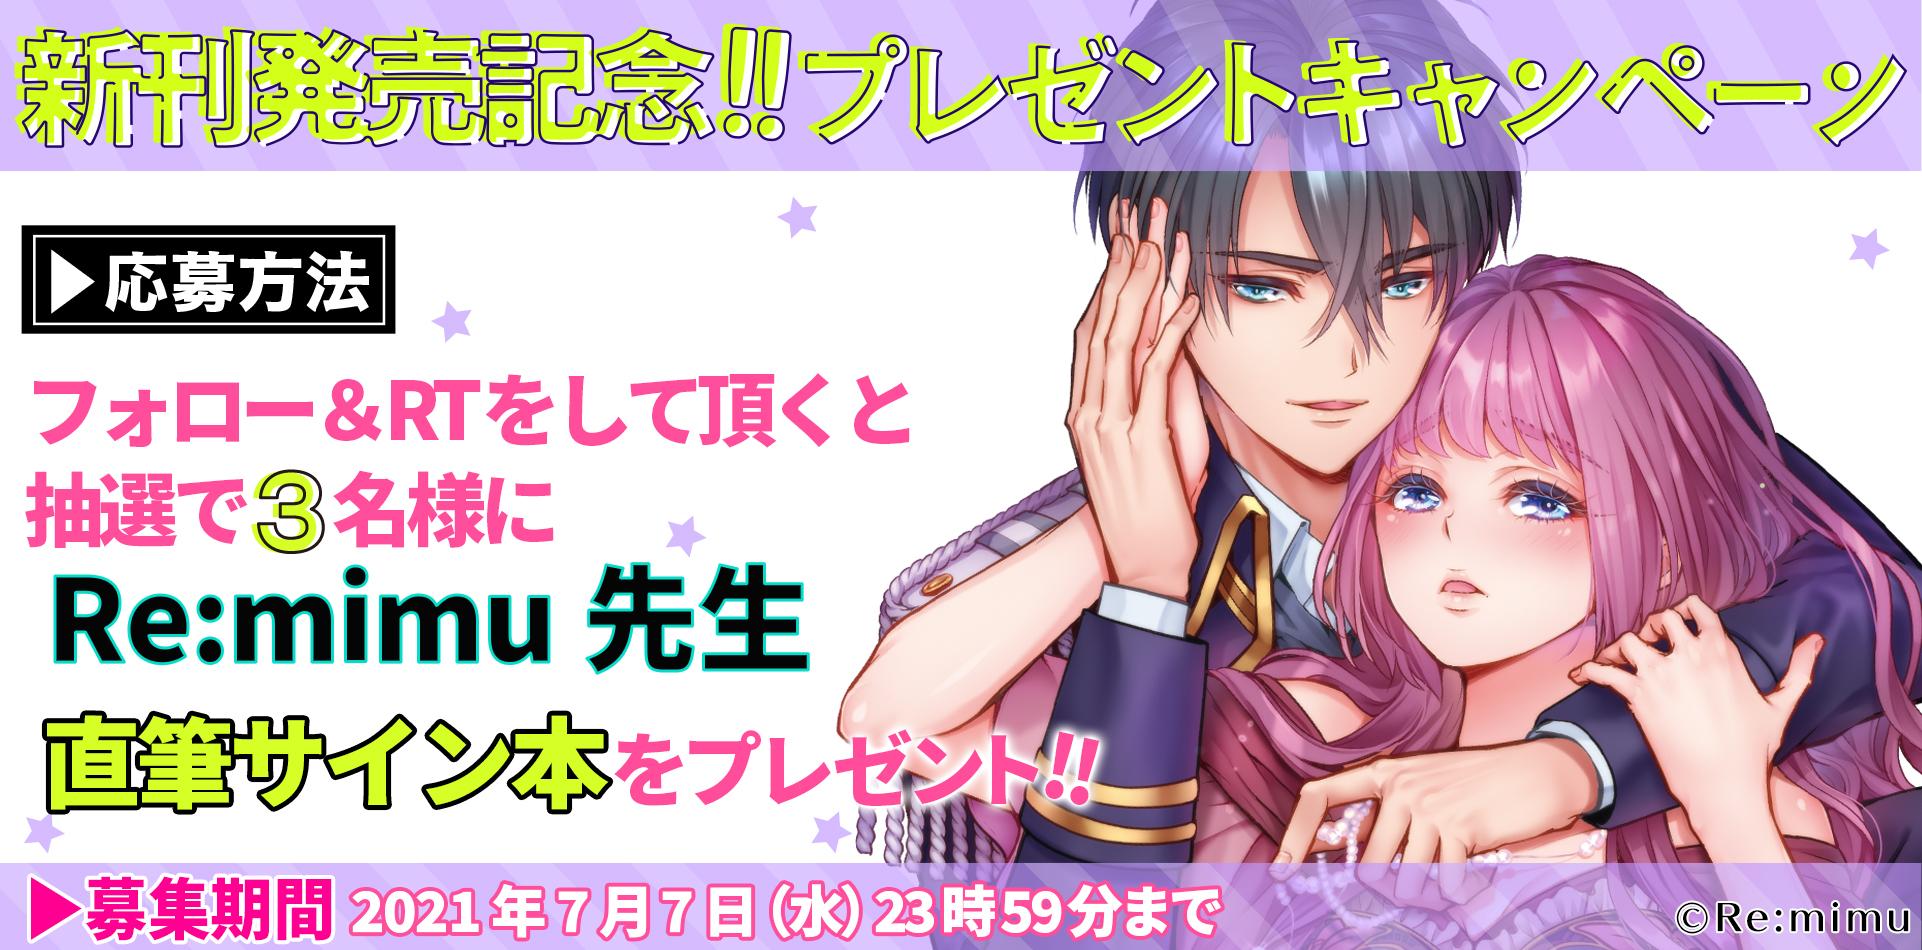 【新刊発売記念プレゼント企画】Re:mimu先生 サイン入り単行本